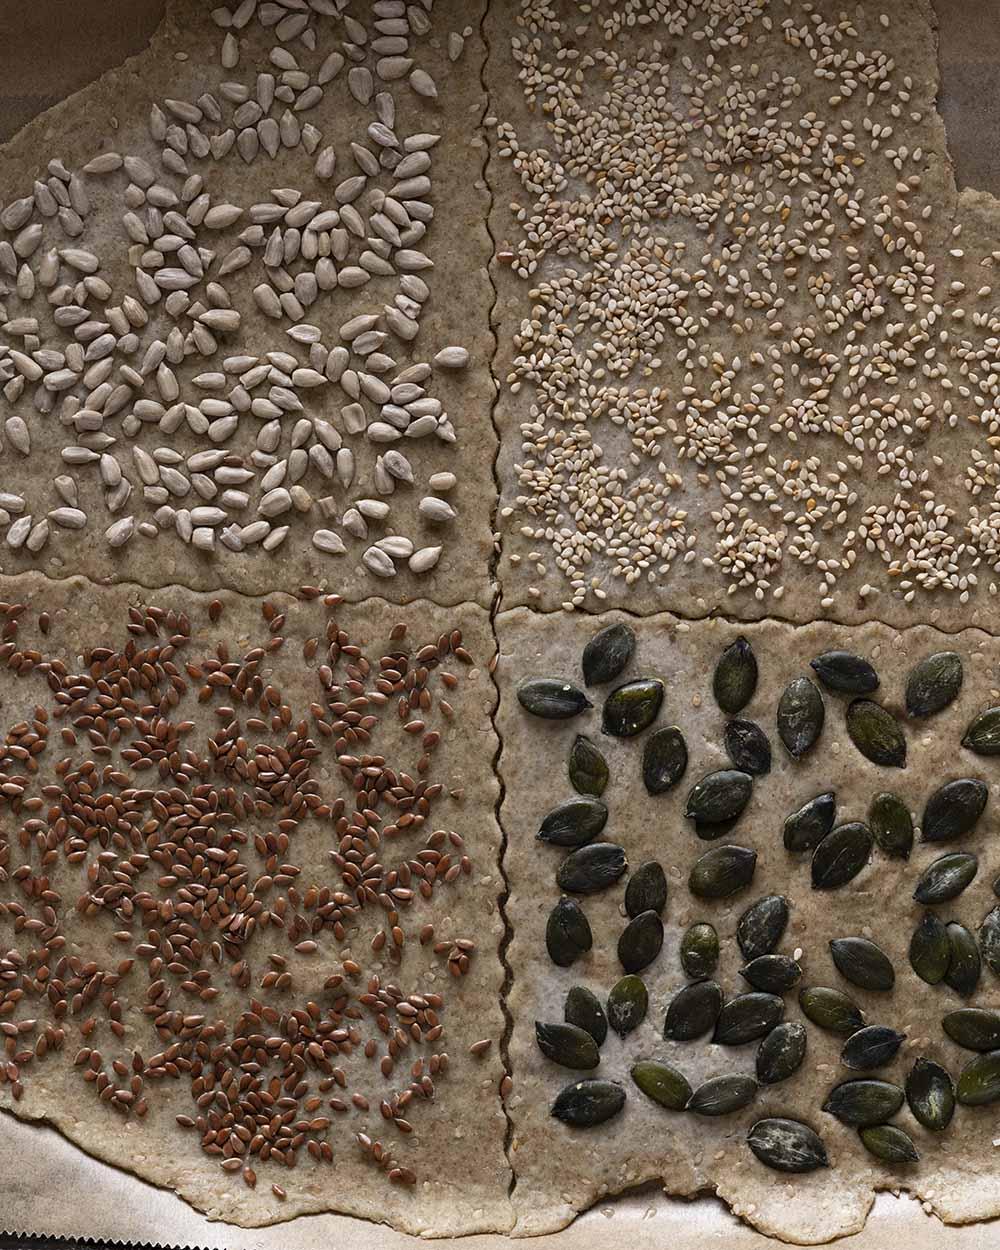 Der ausgerollte Teig für unser Knäckebrot auf dem Backblech. Wir haben ihn mit verschiedenen Zutaten belegt, darunter Kürbiskerne und Leinsamen.